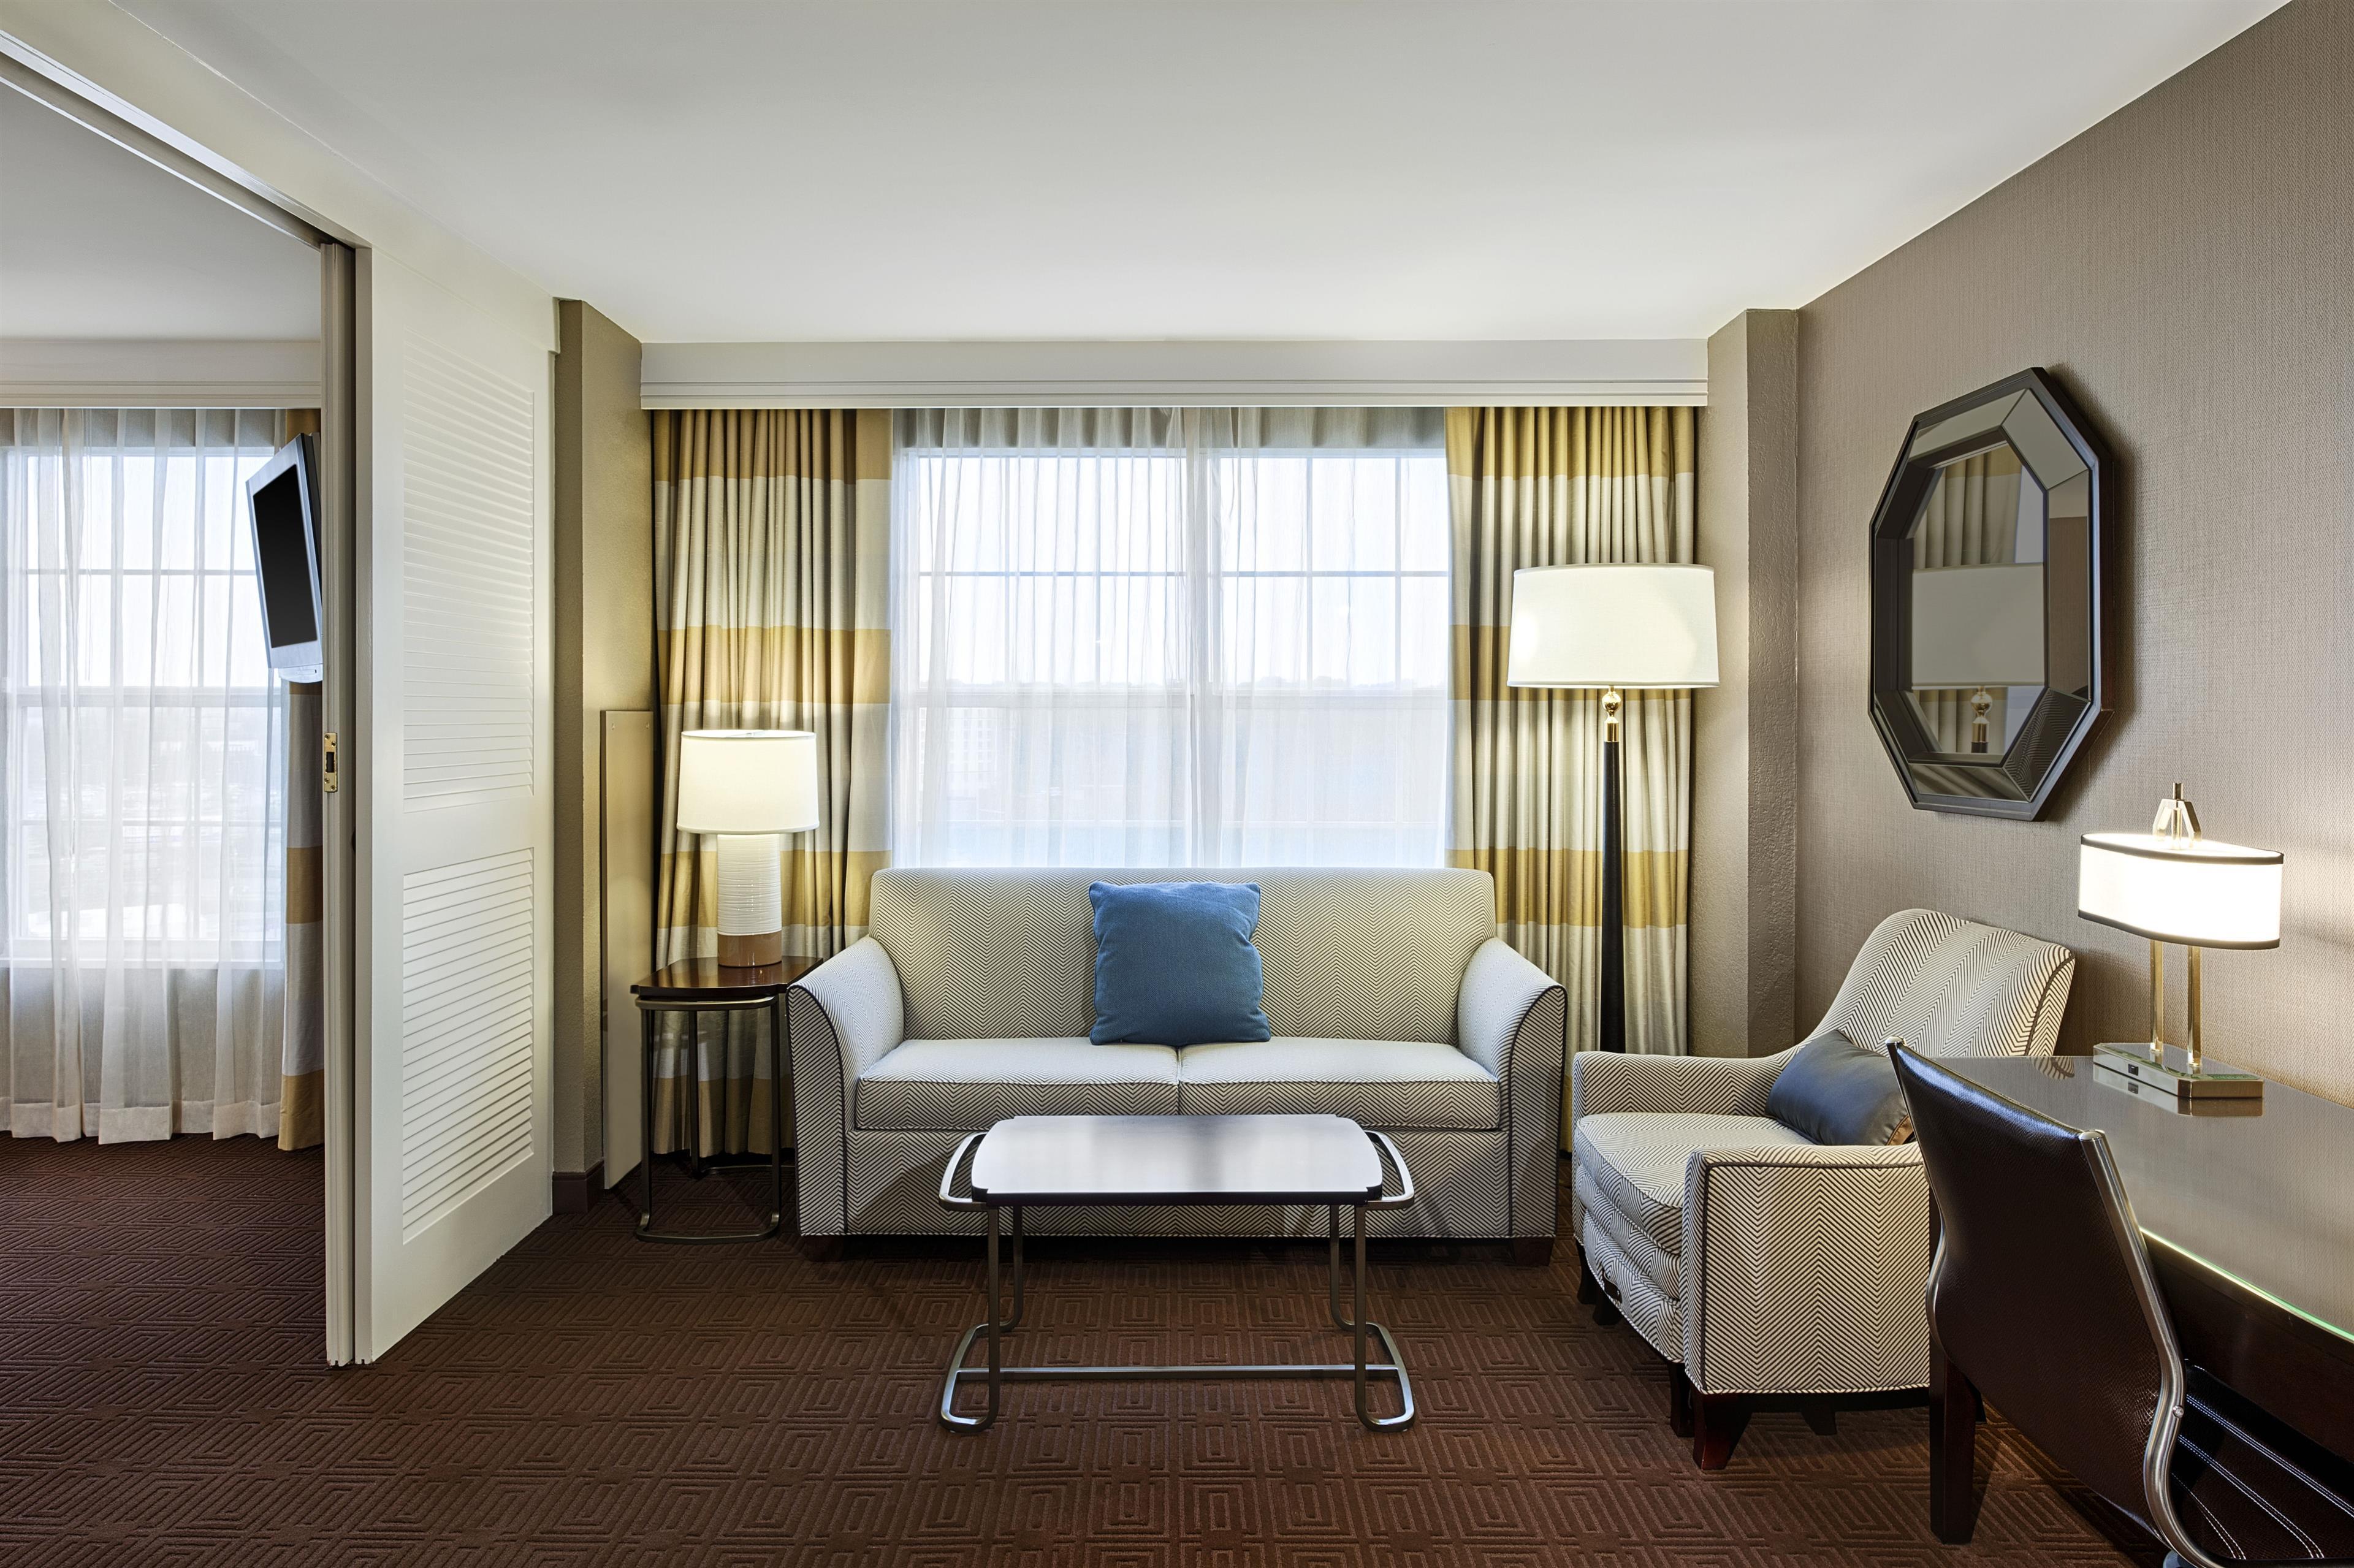 Sheraton Suites Galleria-Atlanta image 1